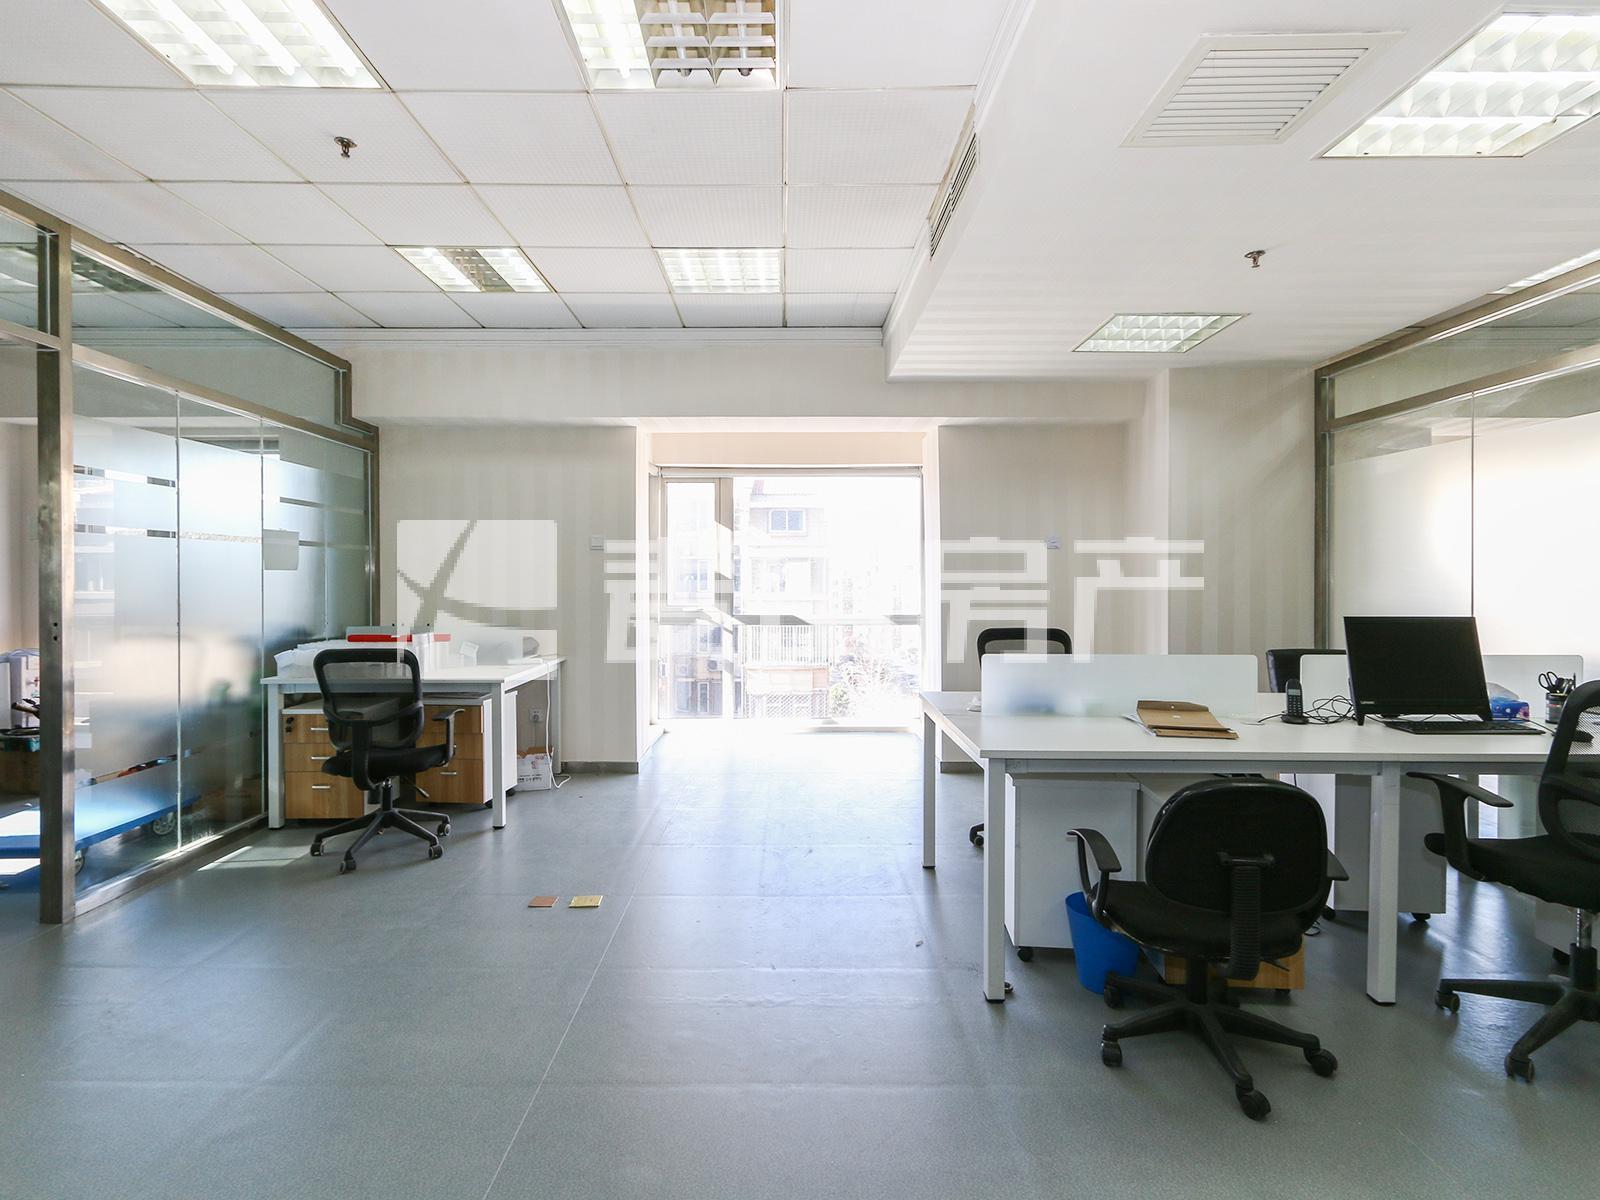 博泰国际单价3.8万 租1.5万 可住可公用 房子西南向 配套完善